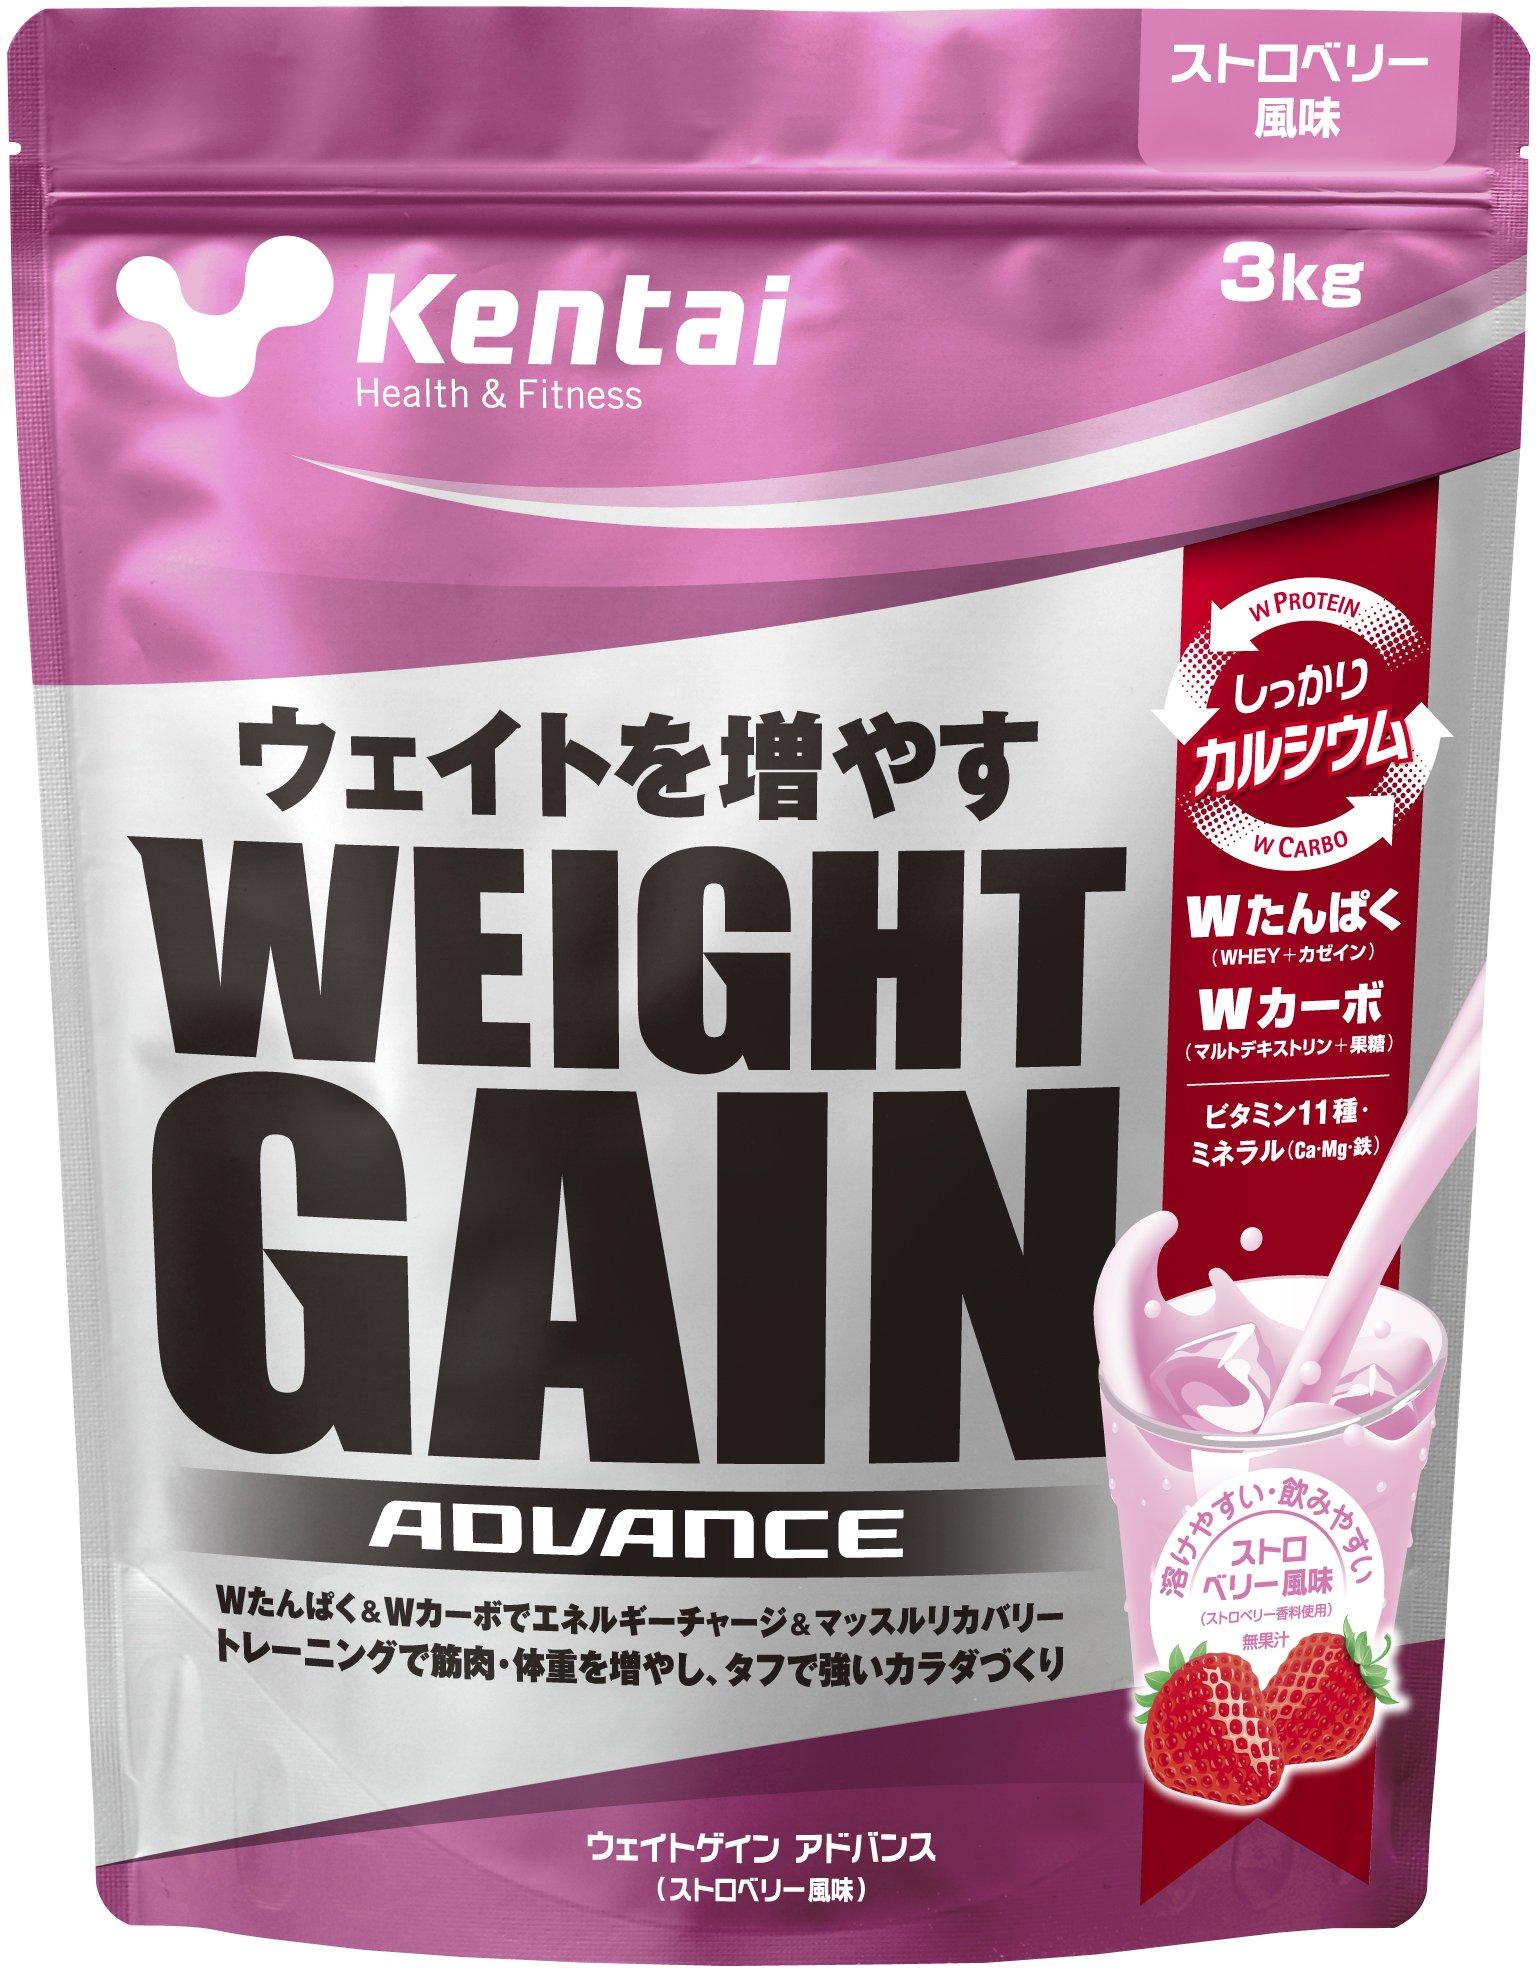 ケンタイ ウェイトゲインアドバンス ストロベリー風味 3kg